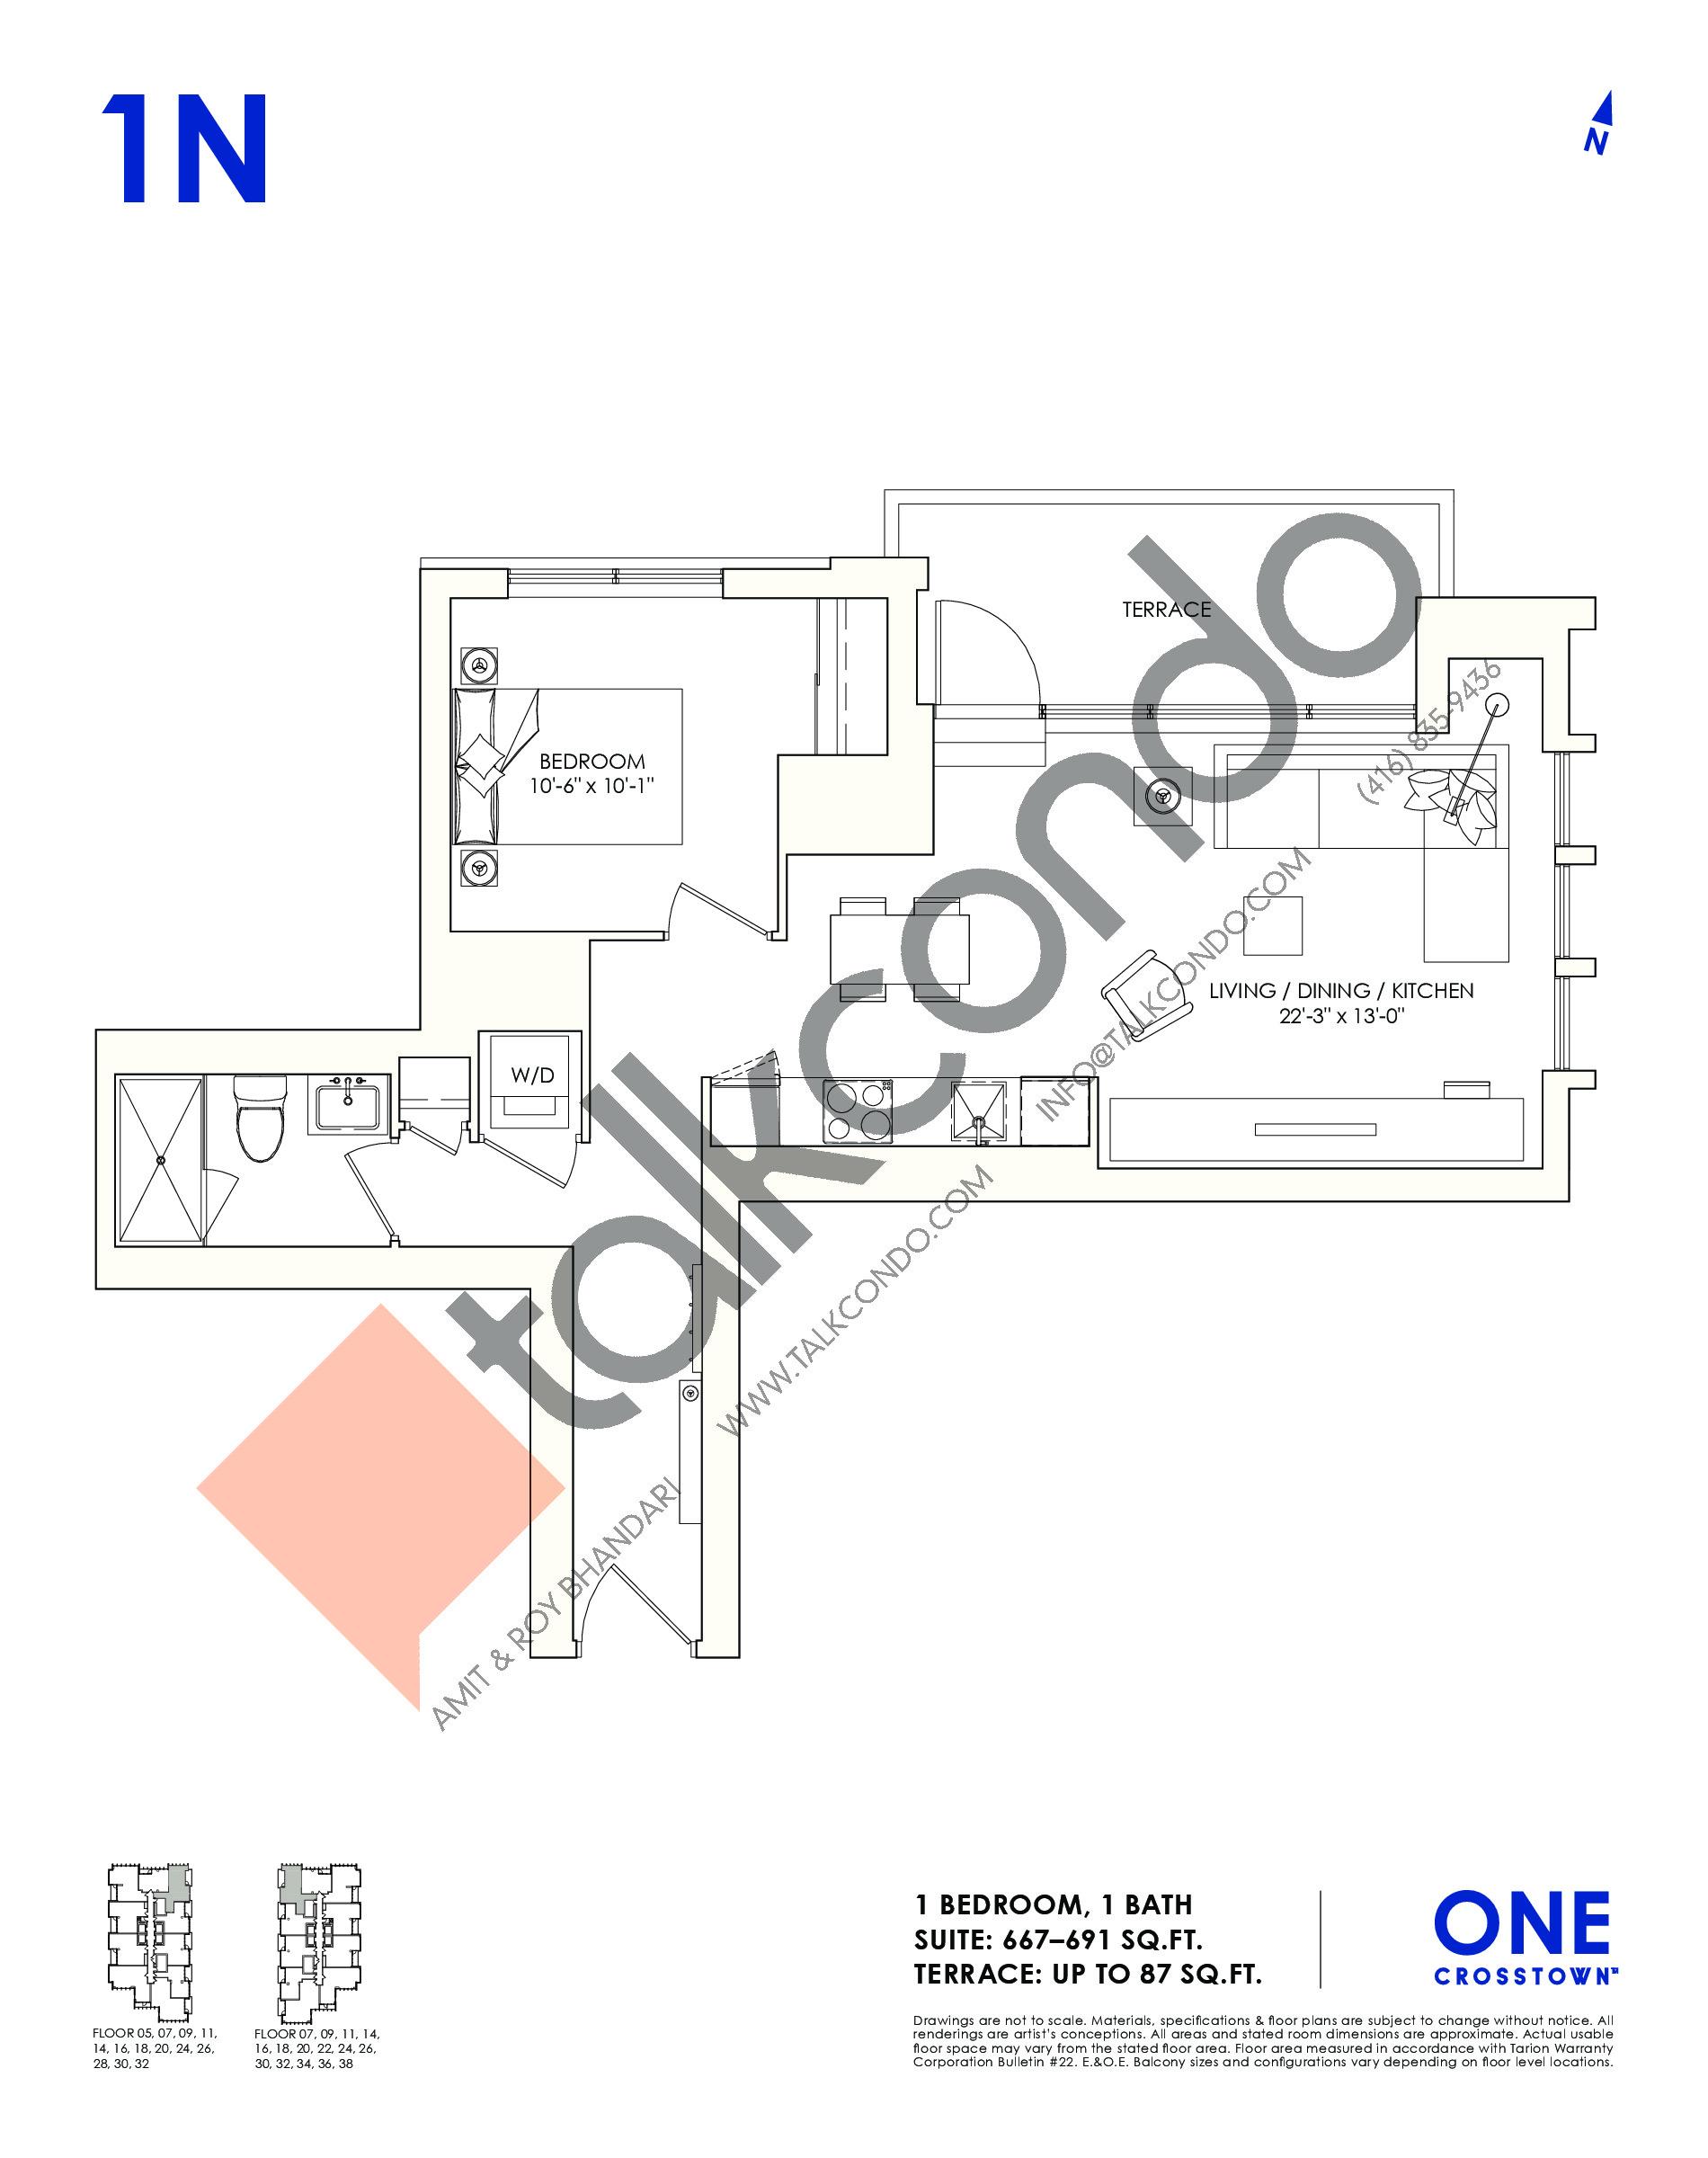 1N Floor Plan at One Crosstown Condos - 691 sq.ft